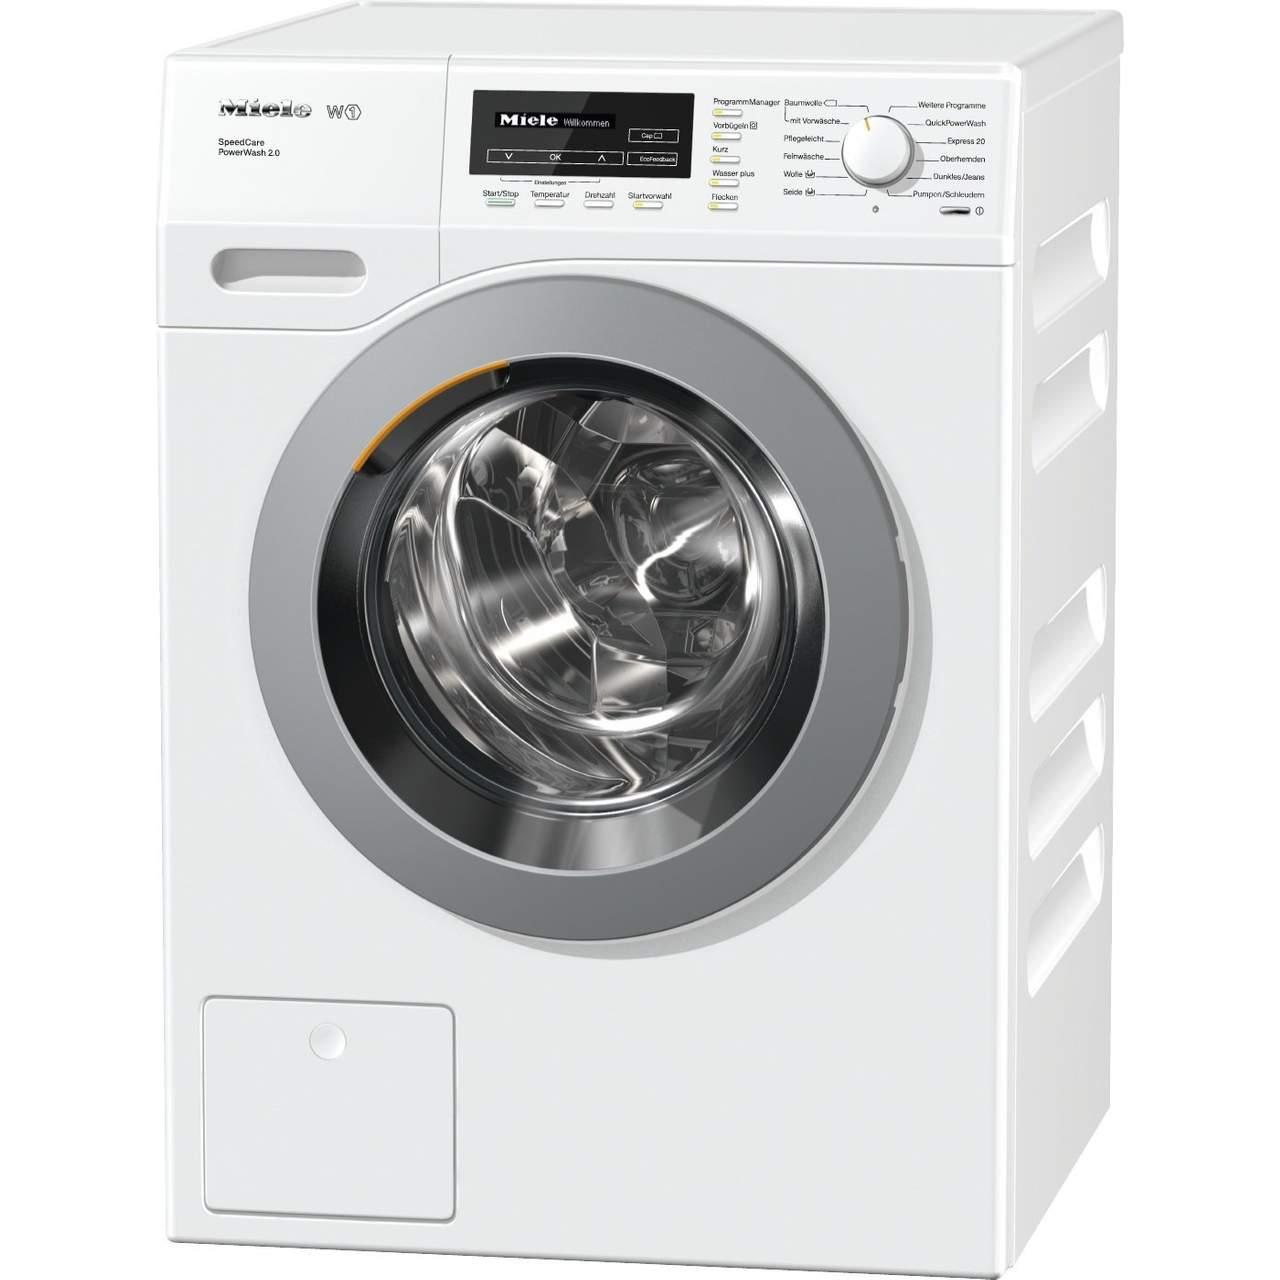 Waschmaschine 8 Kg Test Und Vergleich Die Top 20 Waschmaschinen Mit Fassungsvermogen Im Juli 2019